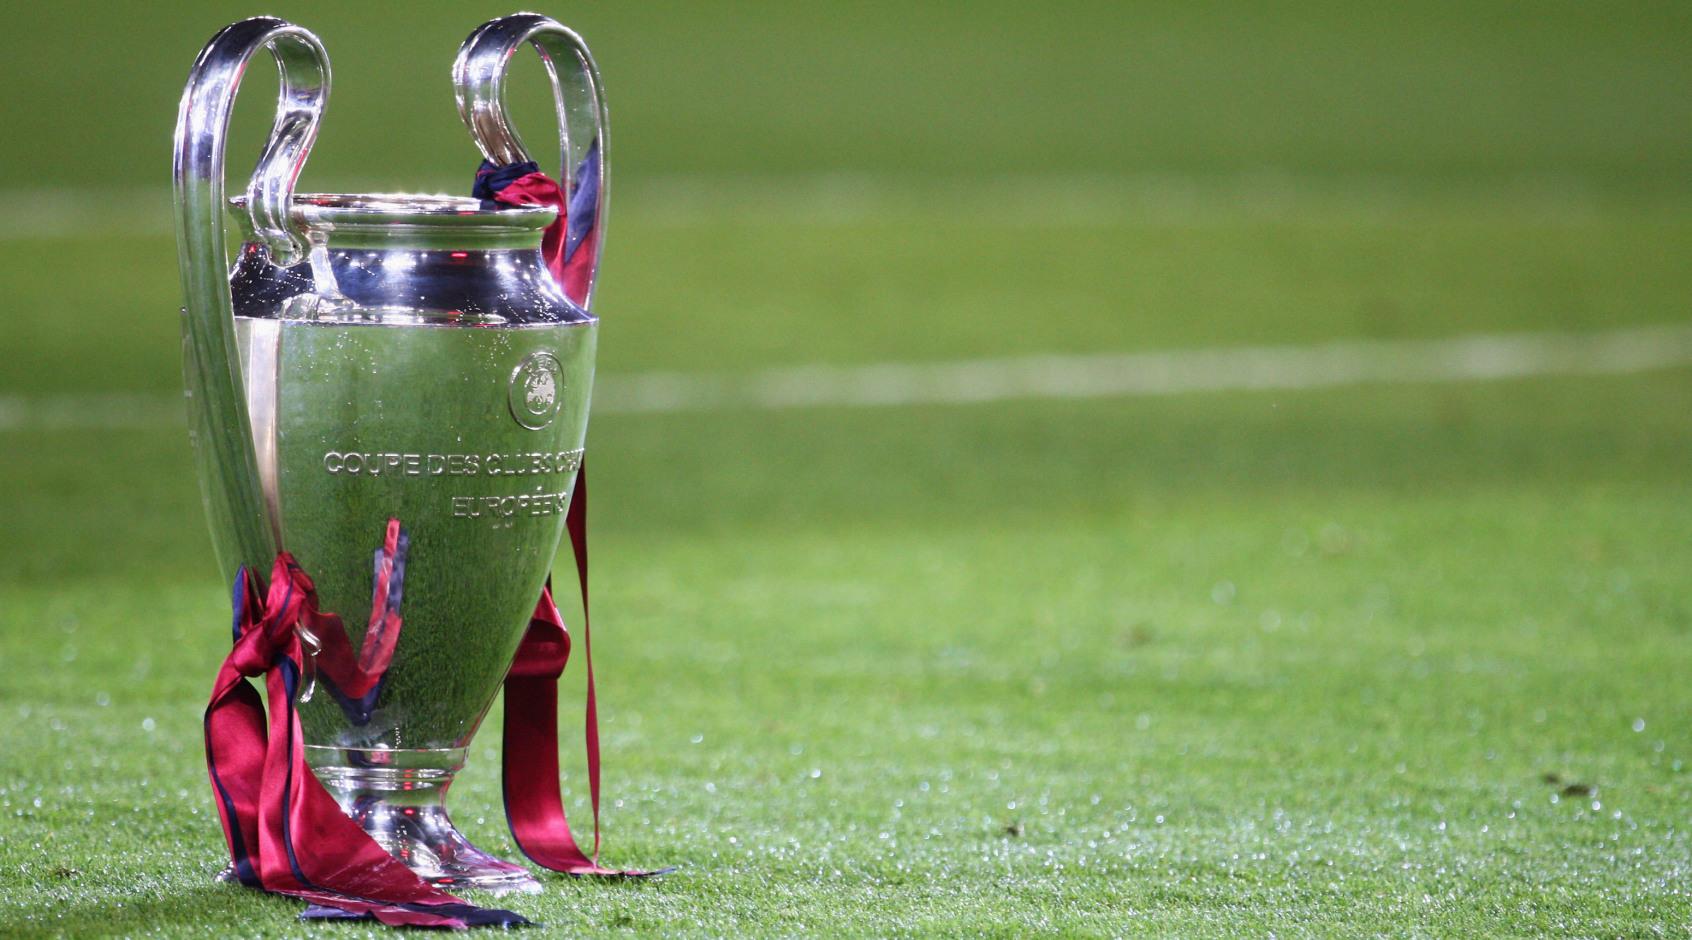 УЕФА назначил арбитров на ответные матчи 1/8 финала Лиги чемпионов